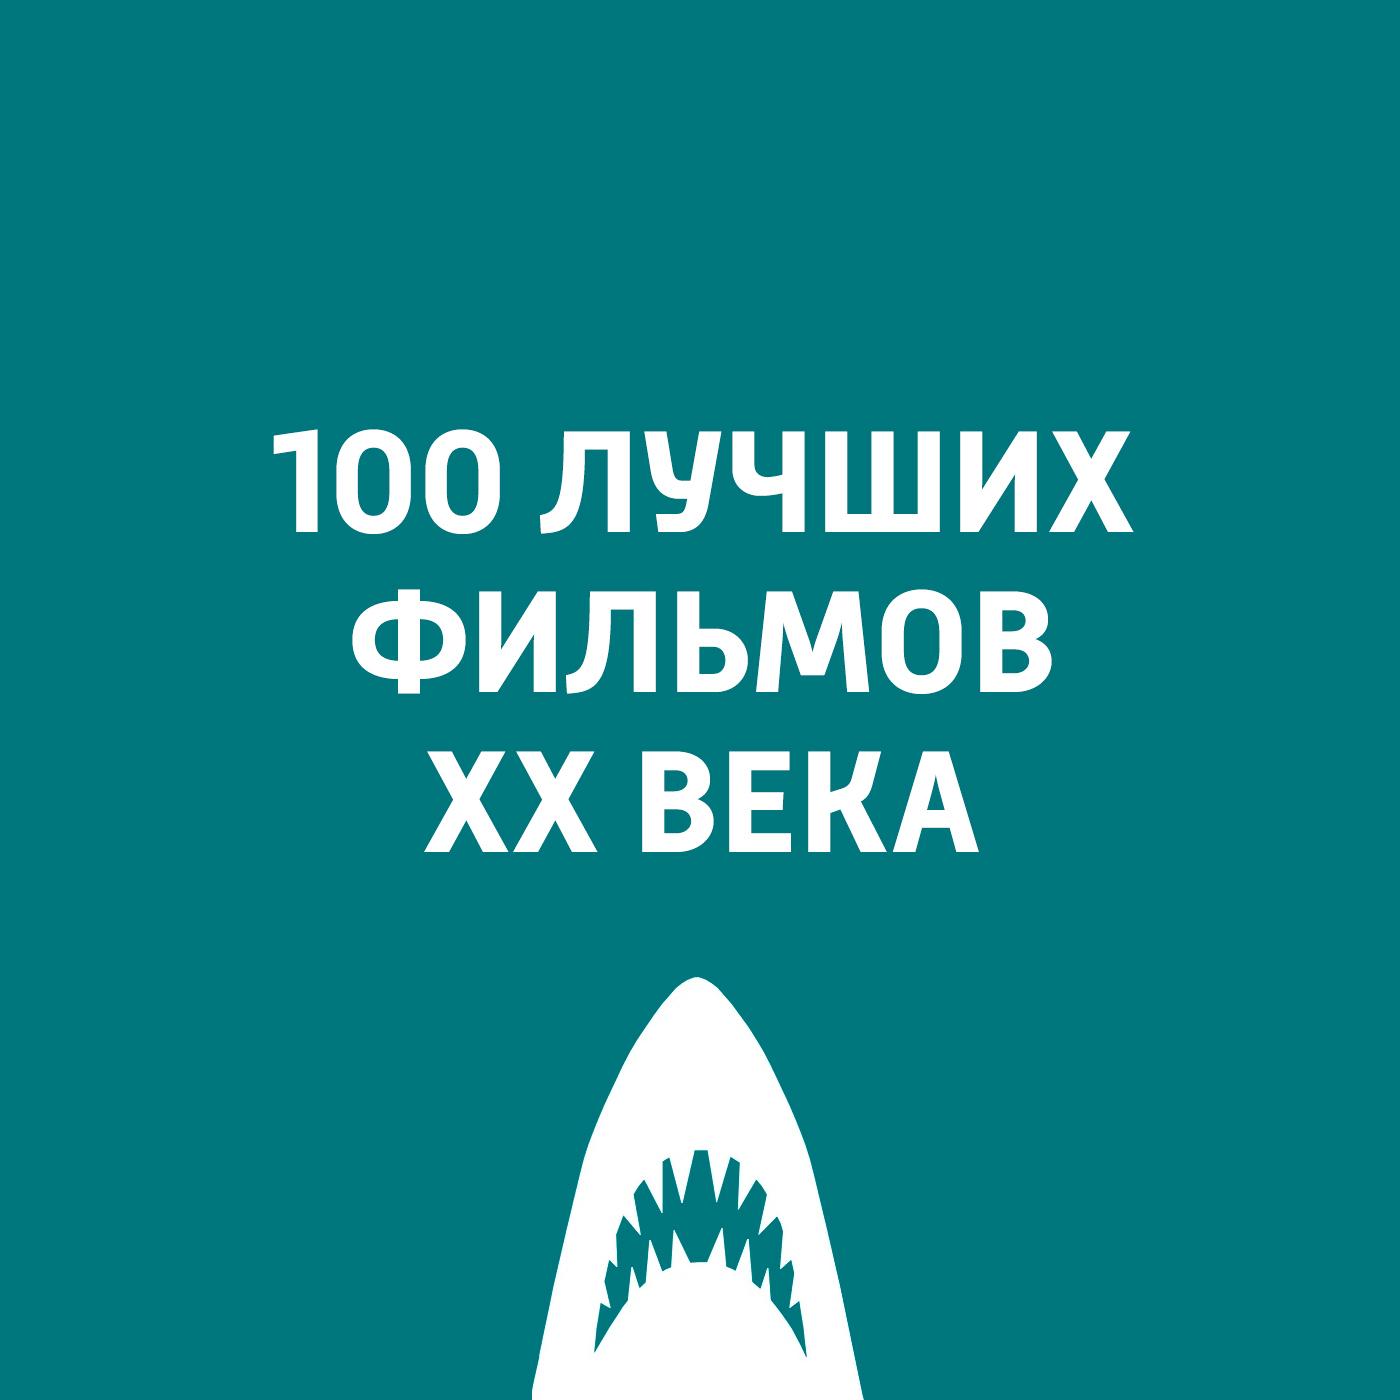 Антон Долин Иван Грозный иван грозный 2018 04 29t12 00